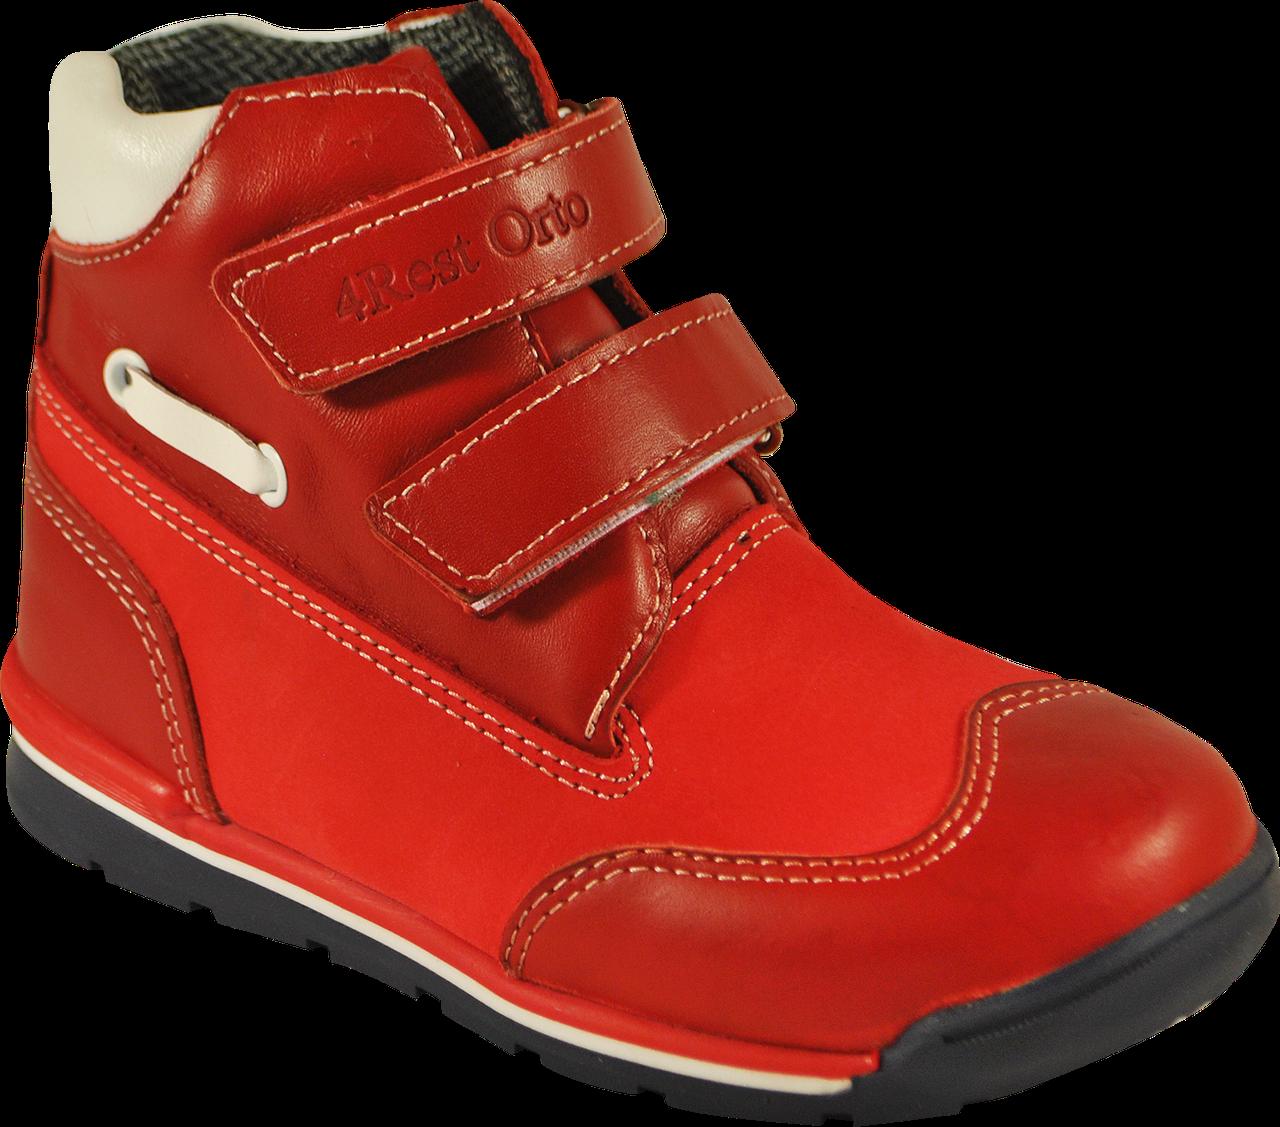 Ортопедичні кросівки для дівчинки Форест-Орто 06-552